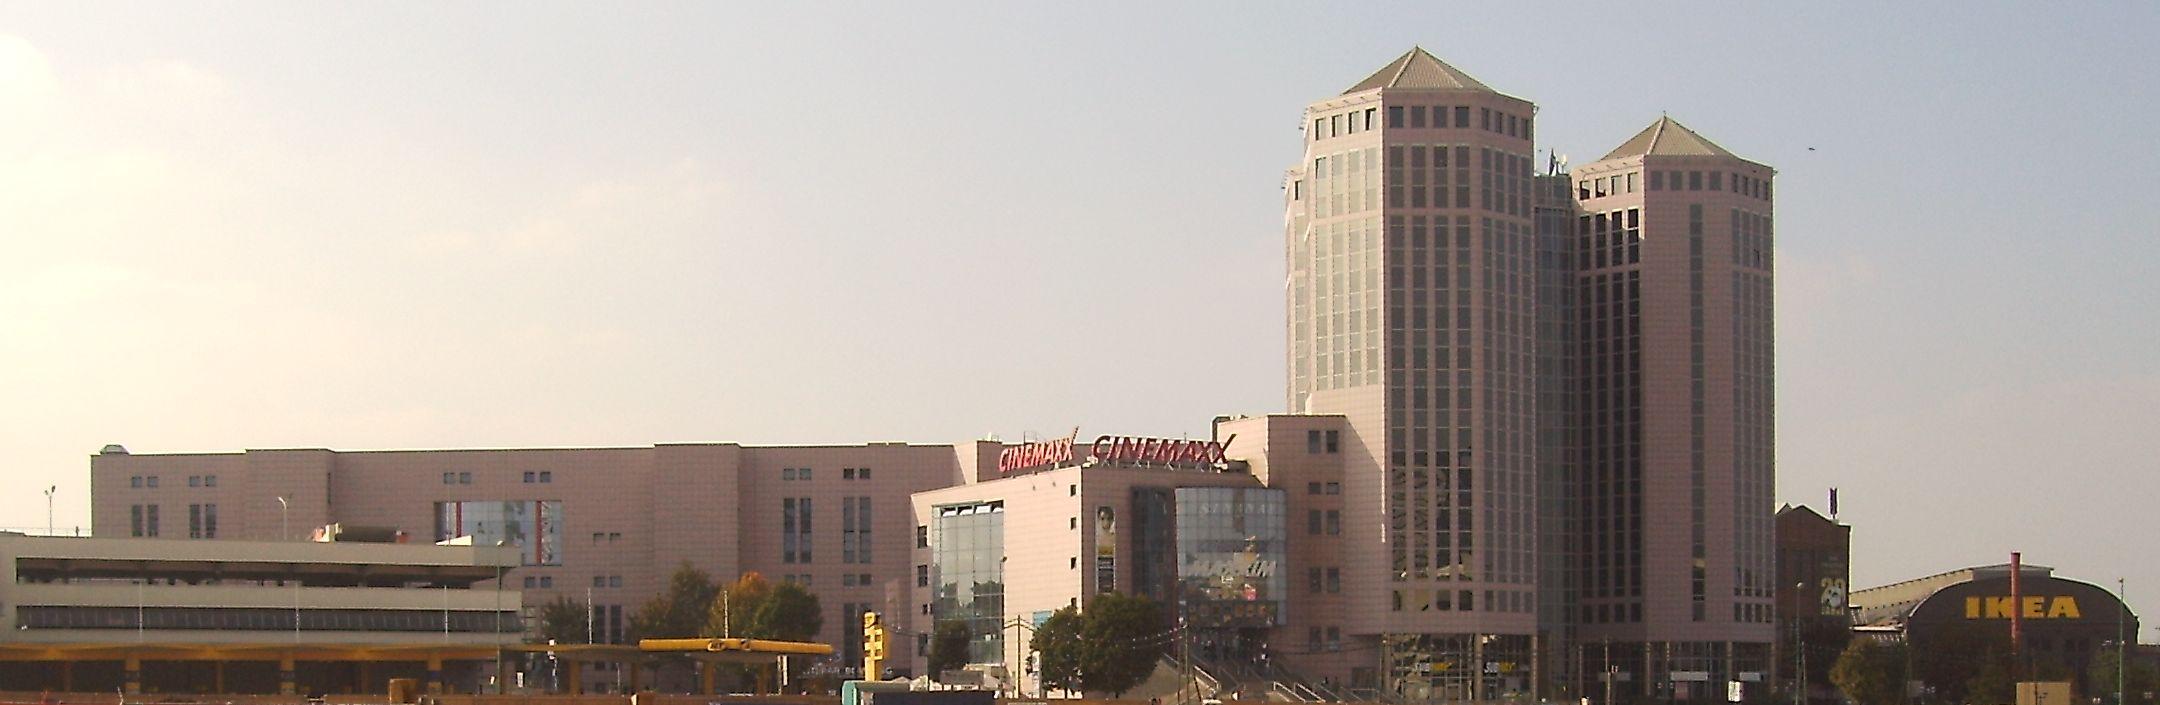 Kino Oldenburg Programm